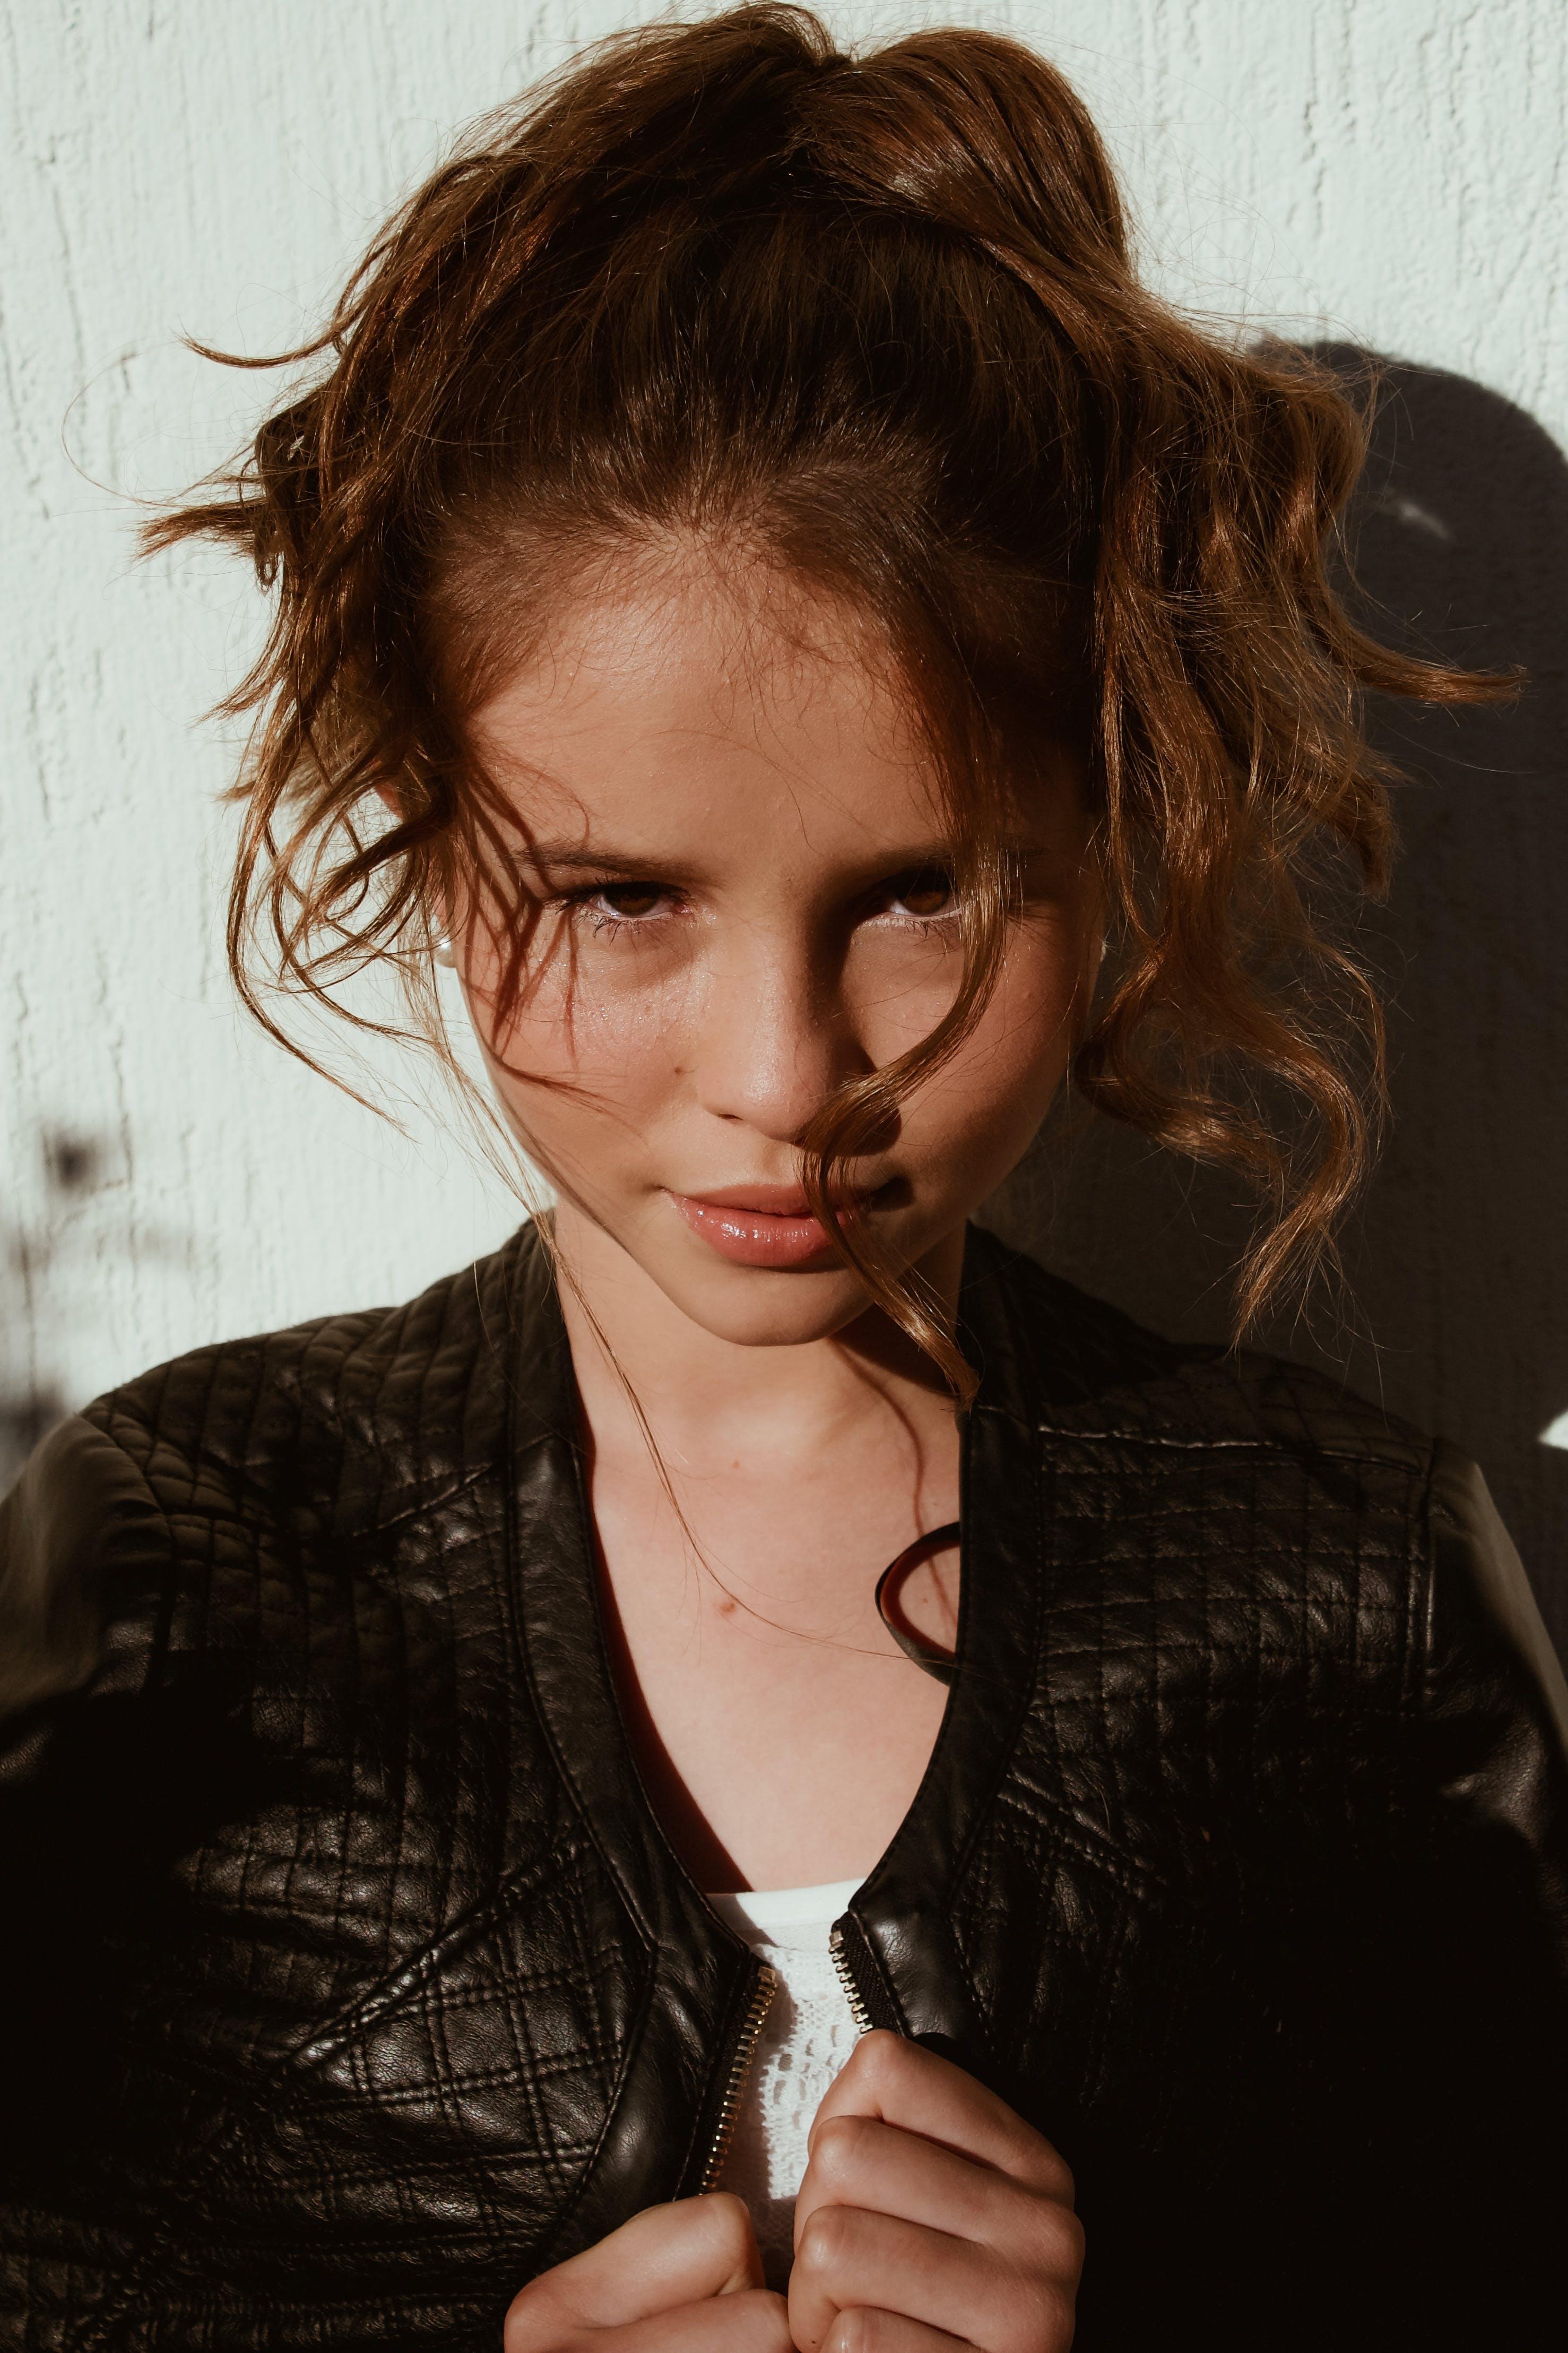 갈색 머리, 귀여운, 눈, 머리의 무료 스톡 사진